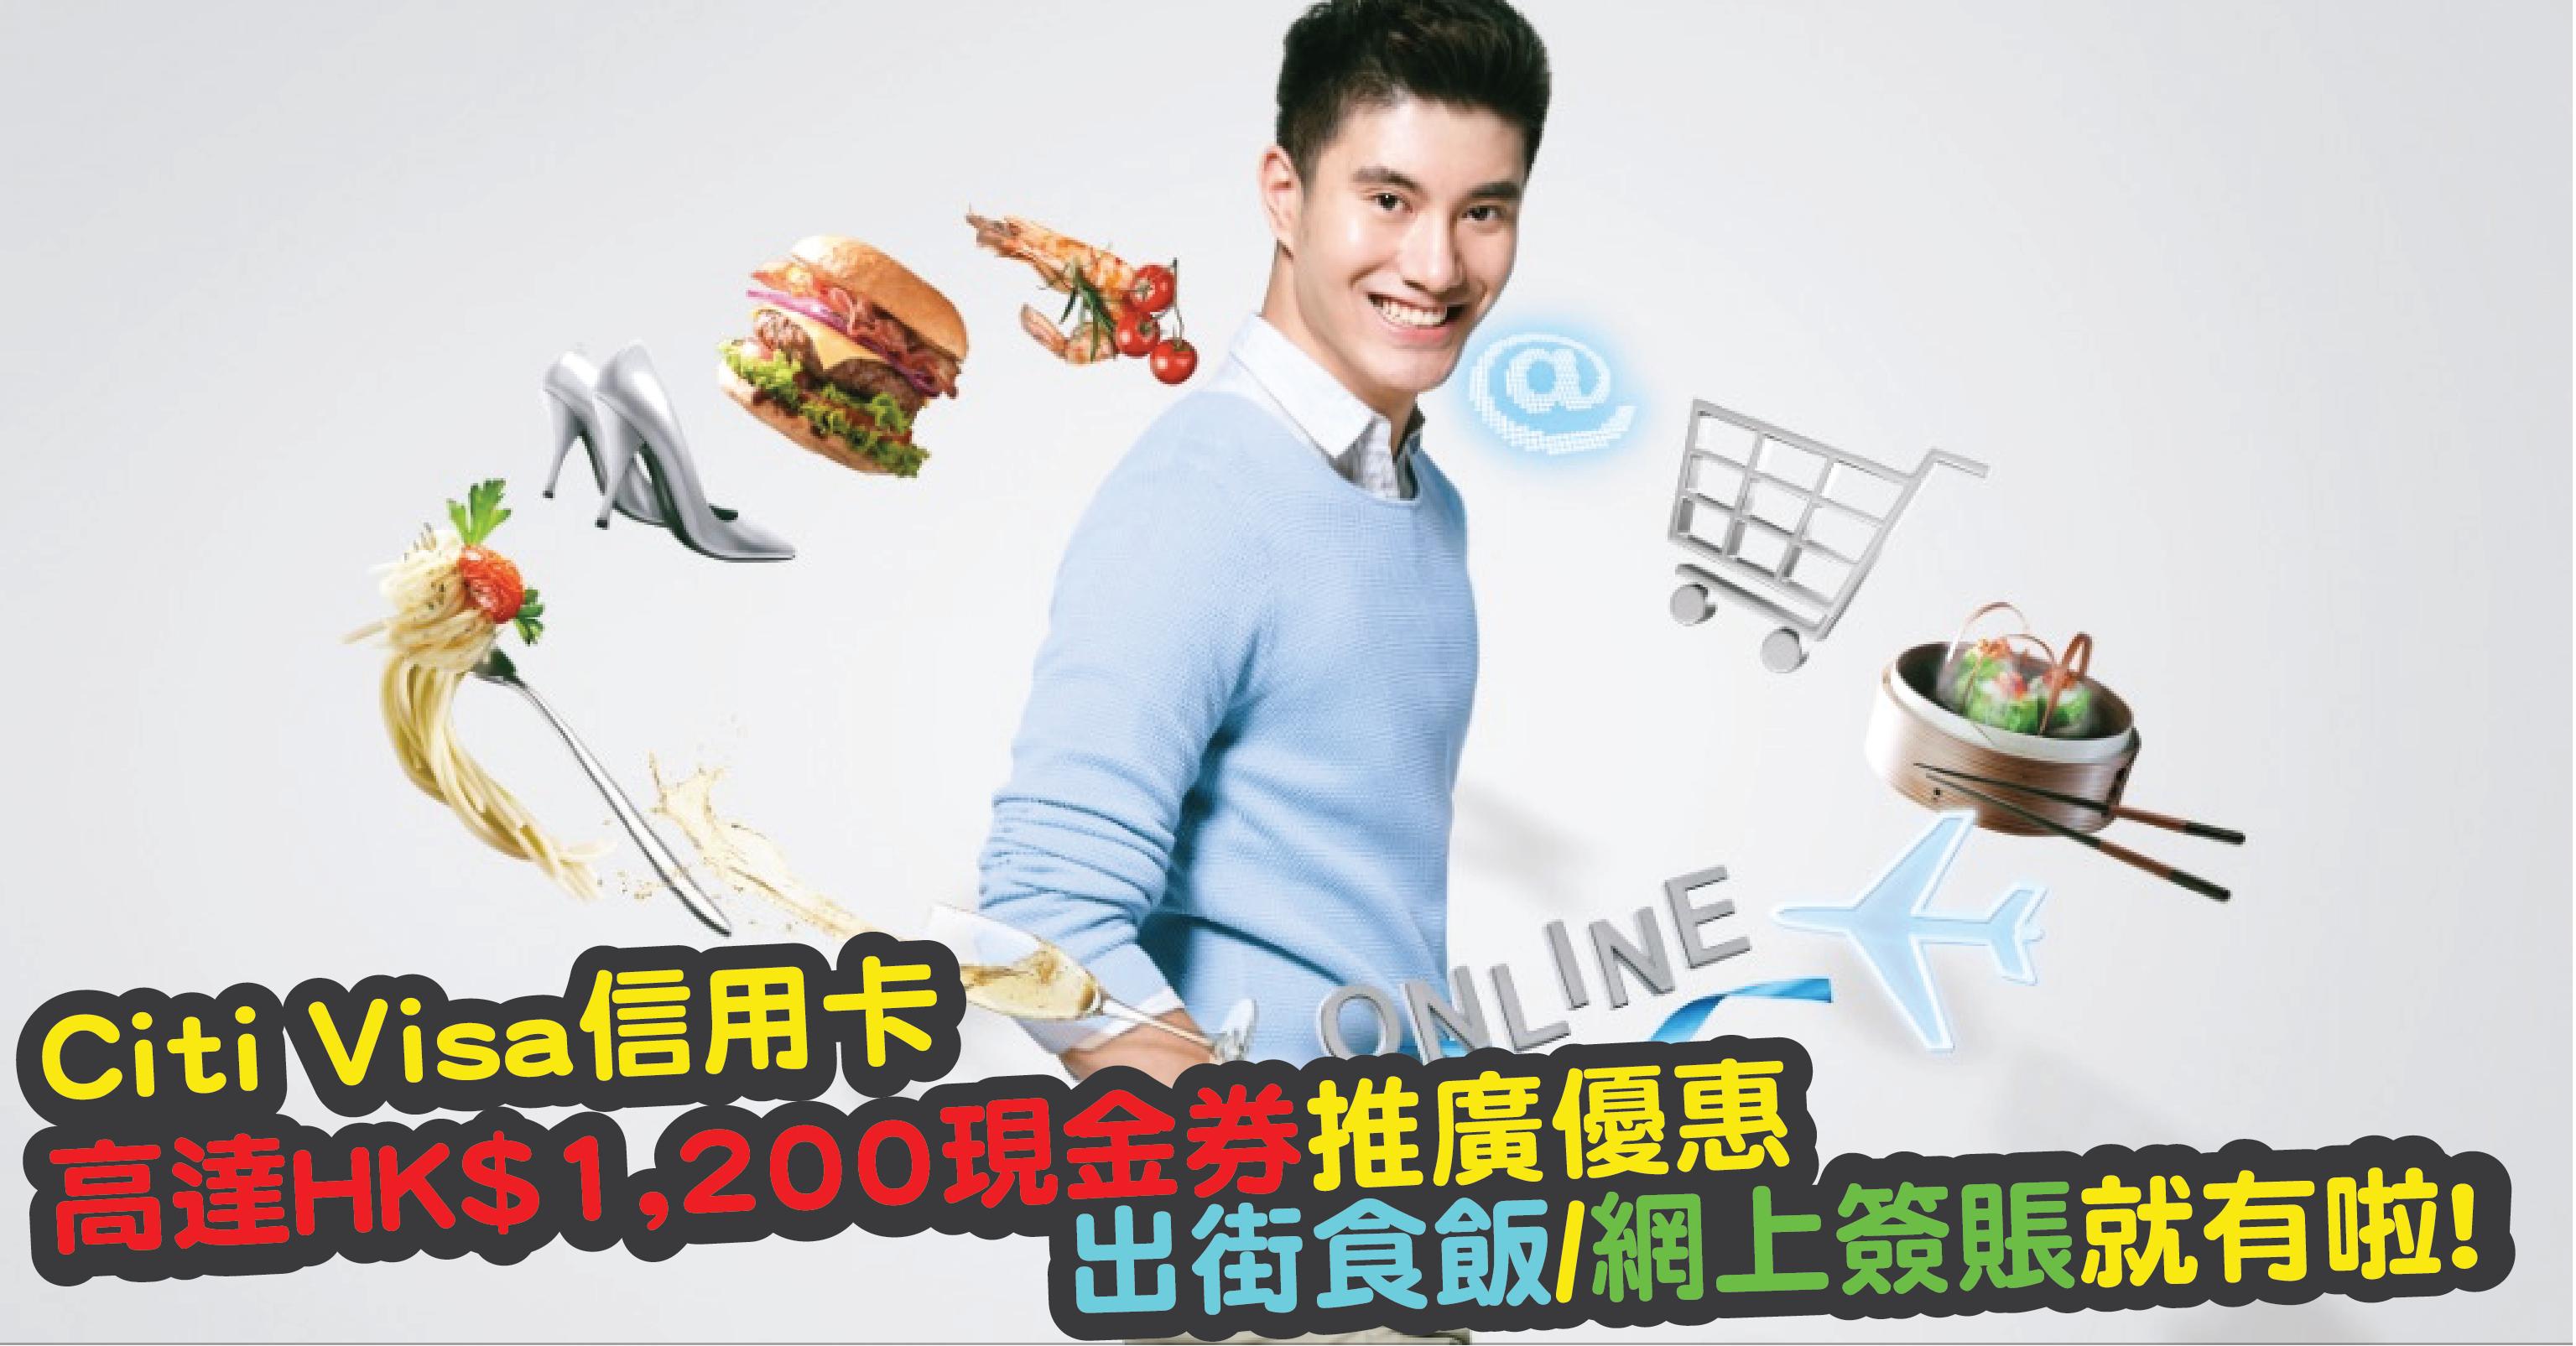 Citi Visa 信用卡高達HK$1,200現金券推廣優惠!每階段簽5次HK$800出街食飯或網上簽賬就有啦!